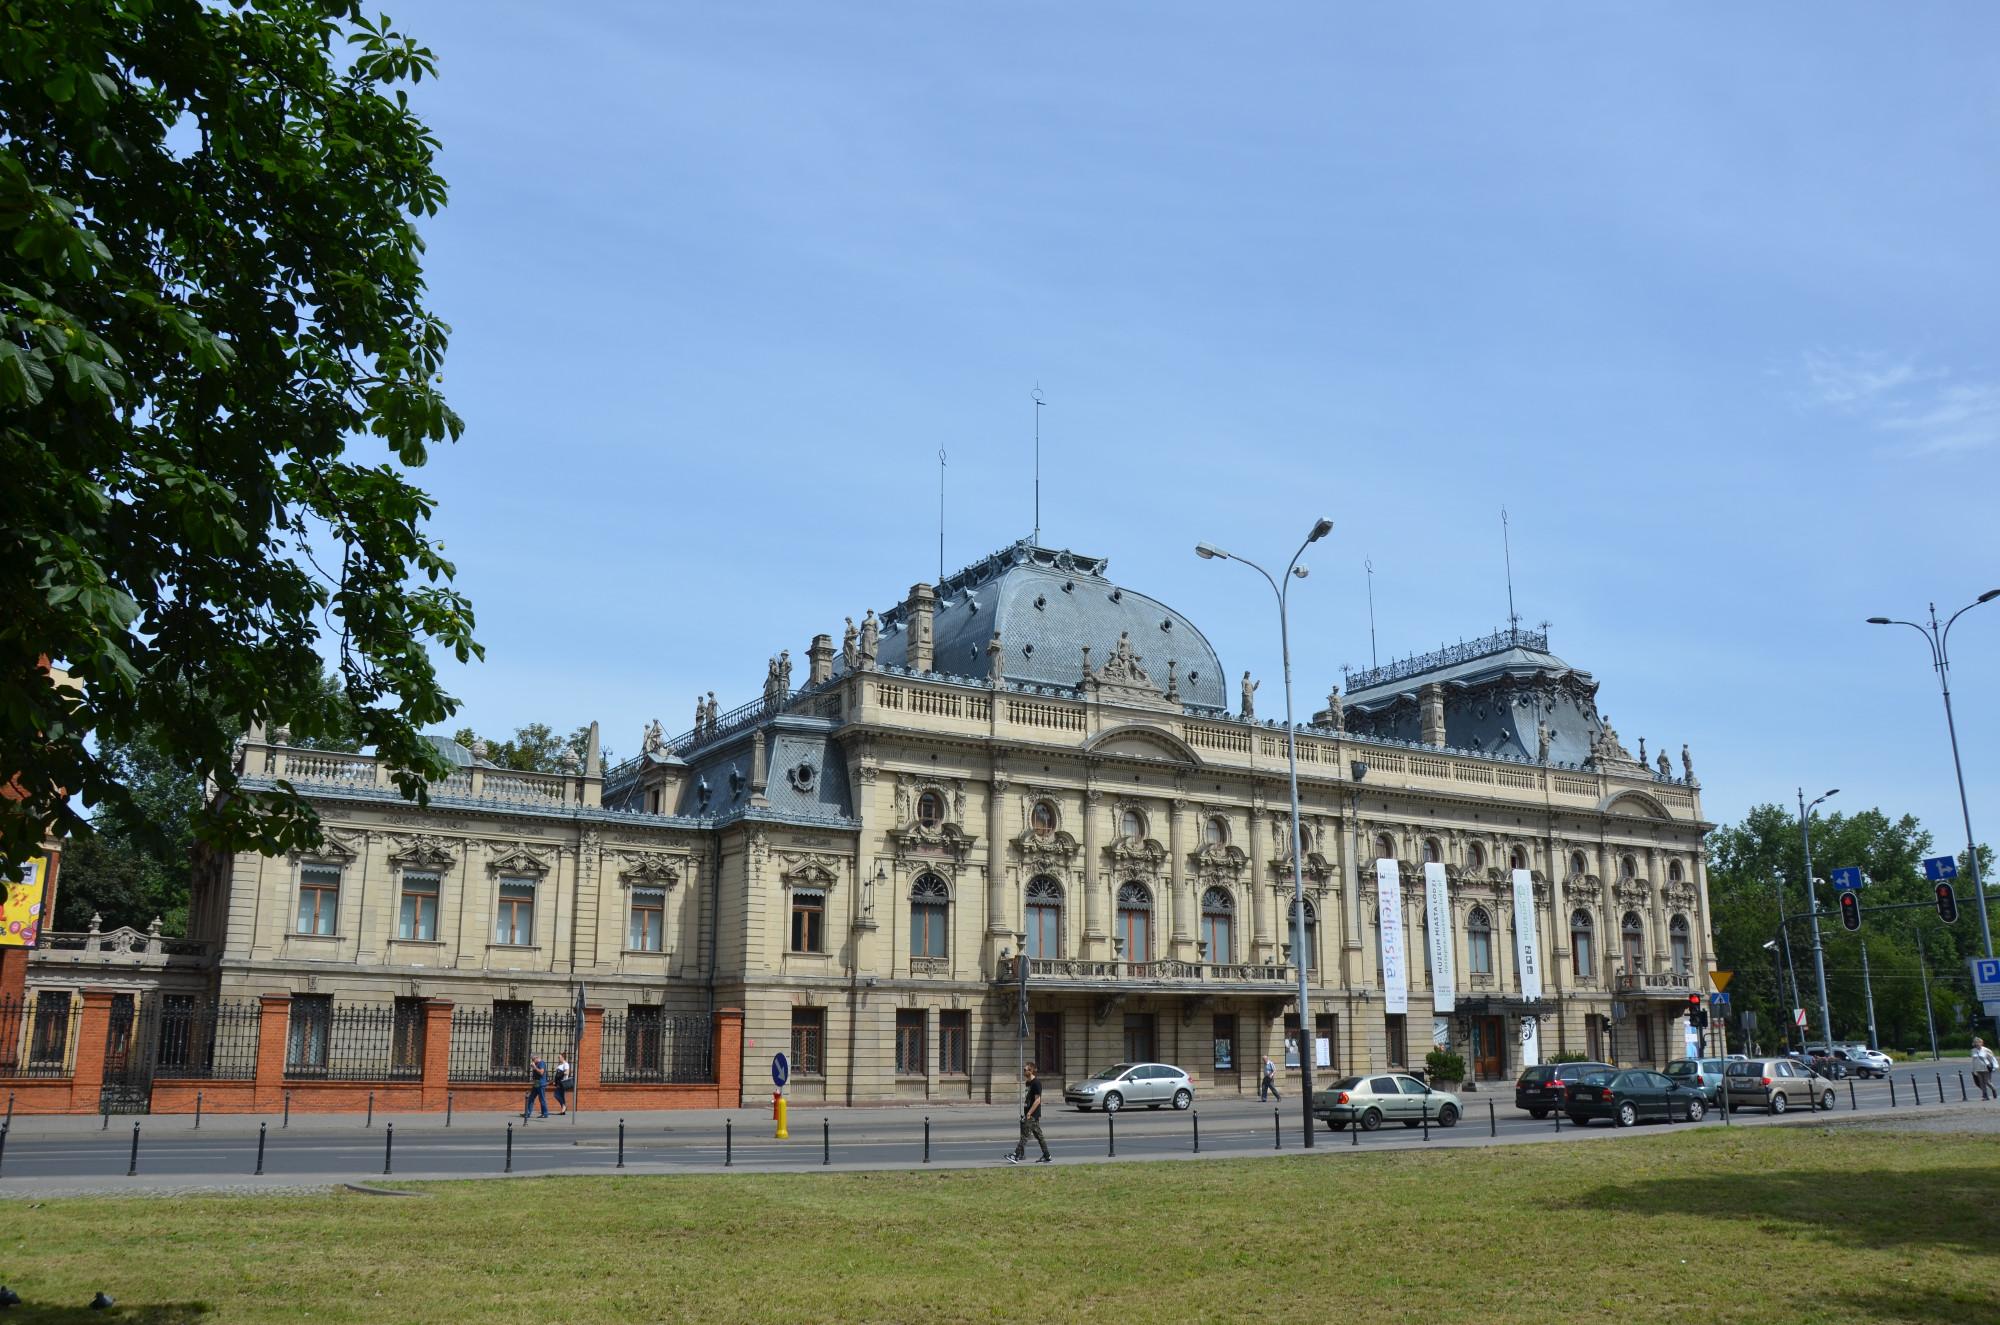 20 Jahre wurde an dem Poznański-Palast nach dem Vorbild des Pariser Louvre gebaut. (Foto: © Jürgen Ulbrich)